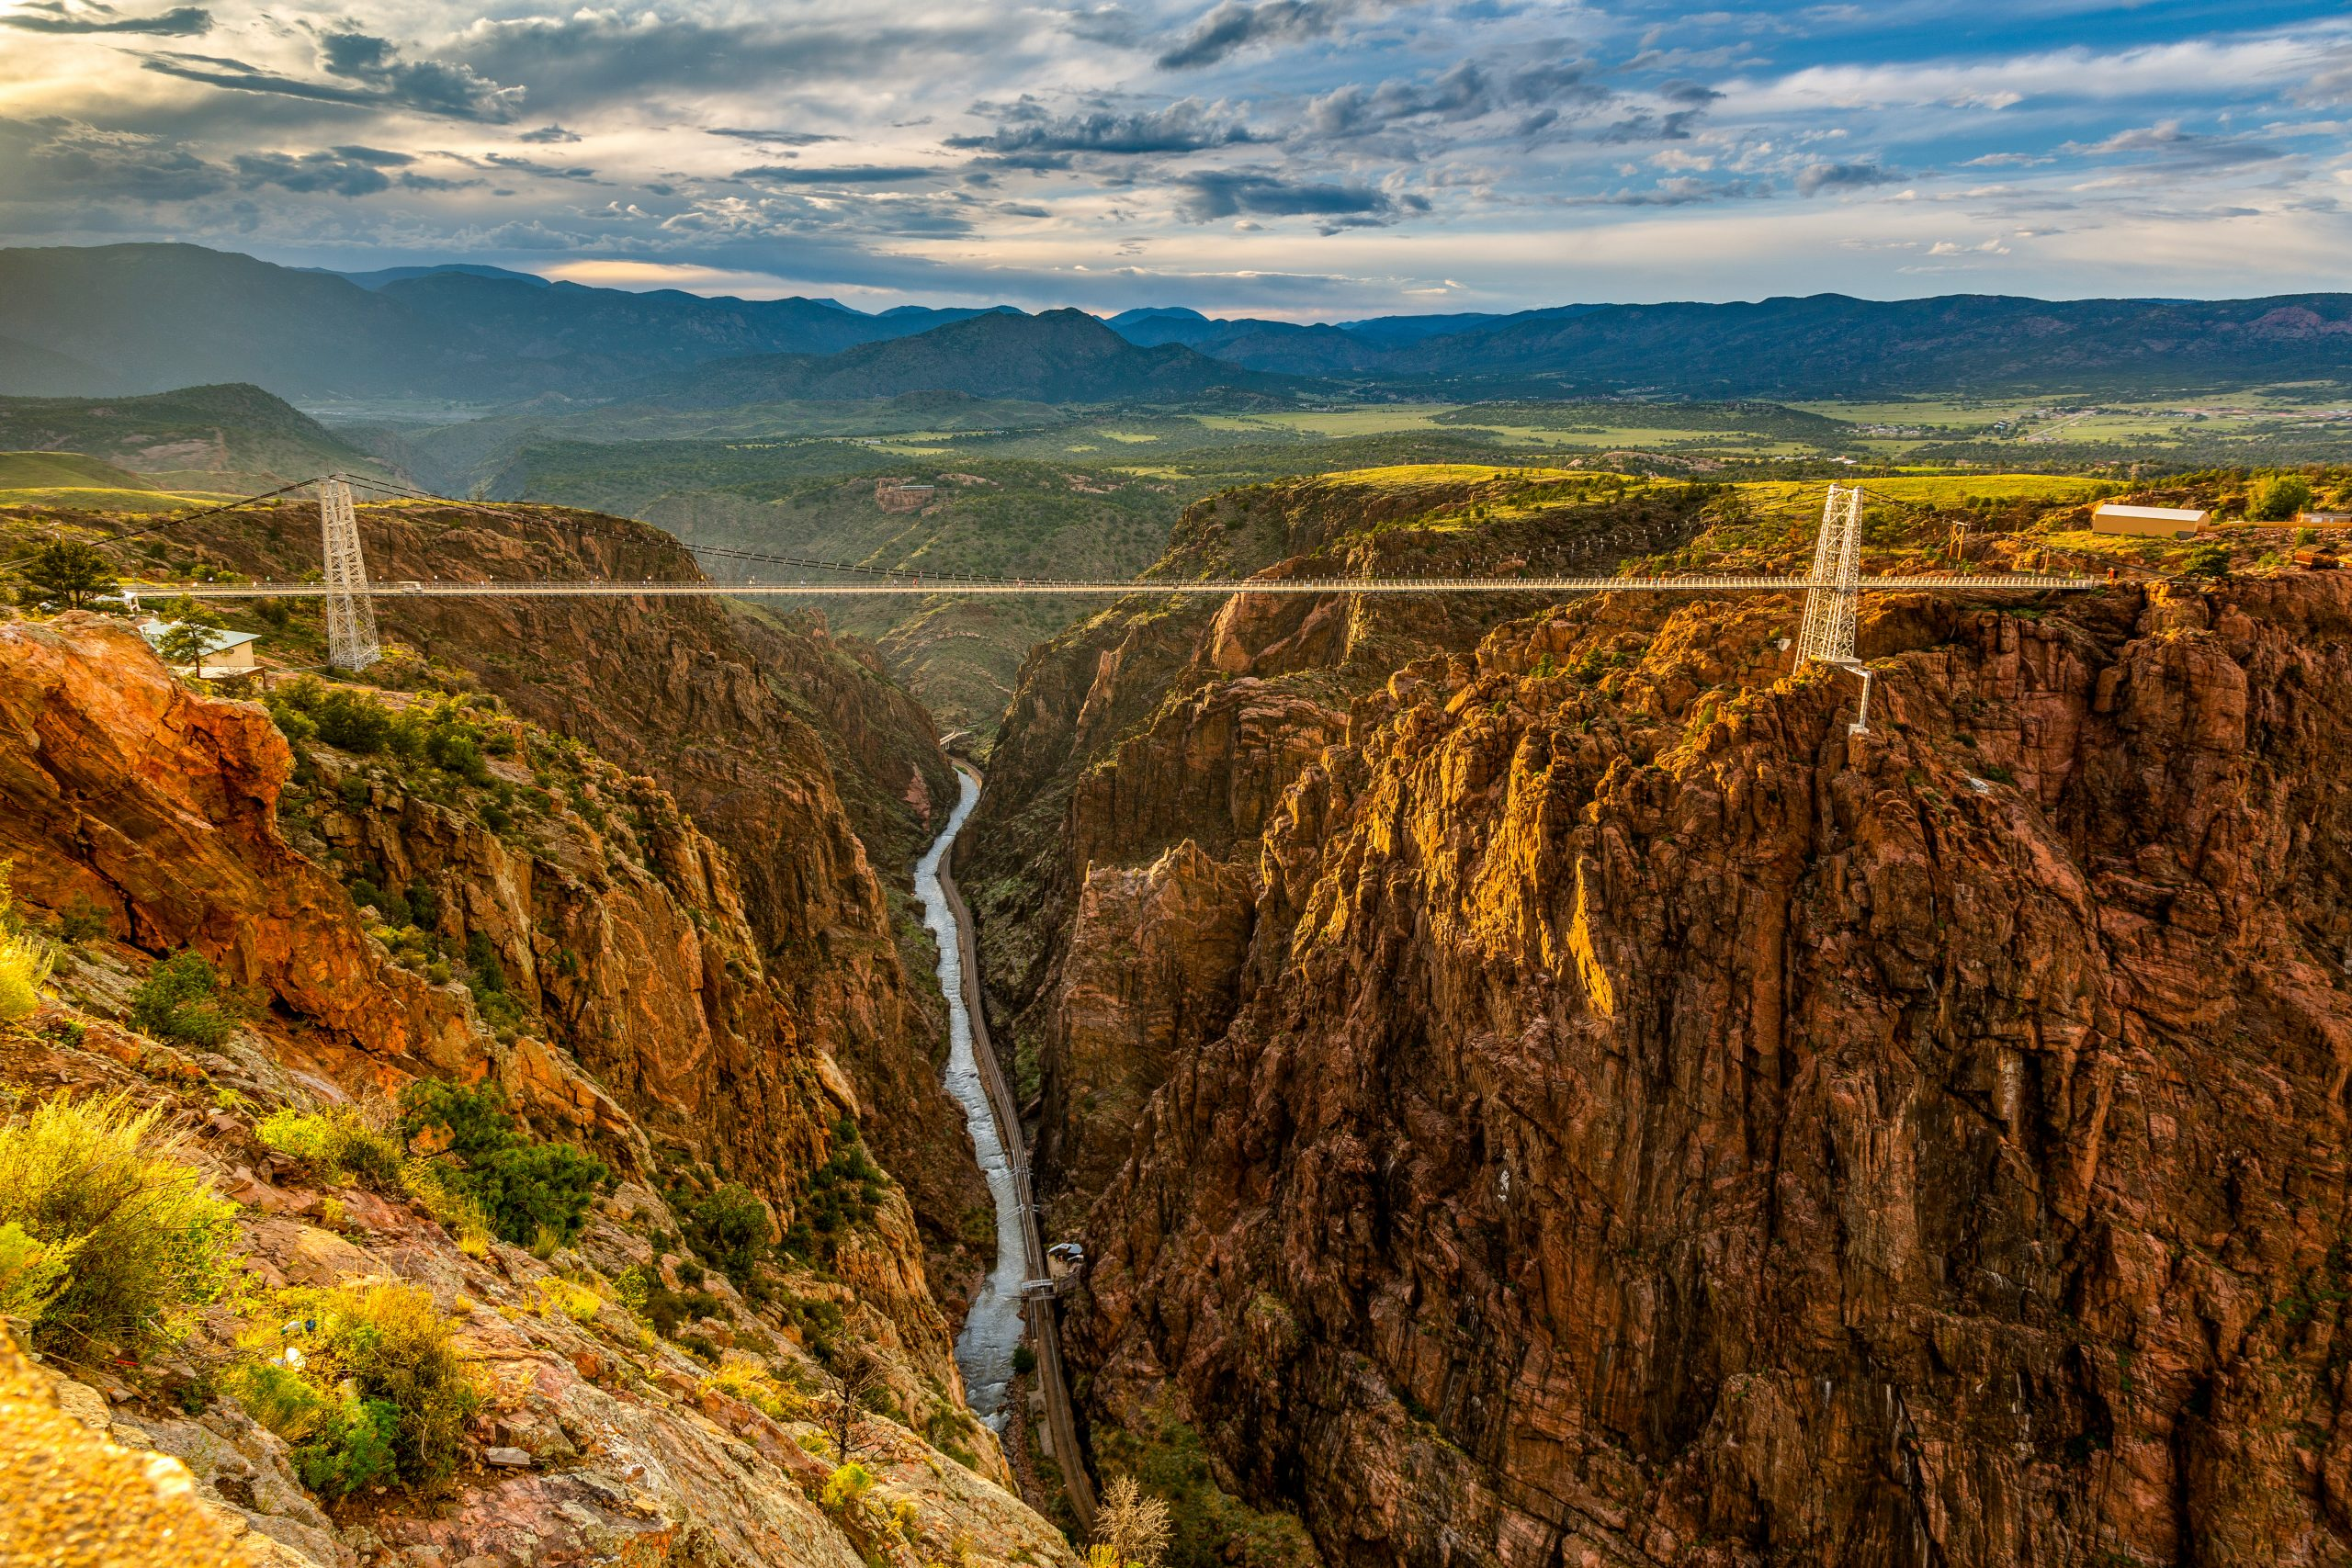 Highest Suspension Bridge in the U.S. - Attractions in Colorado